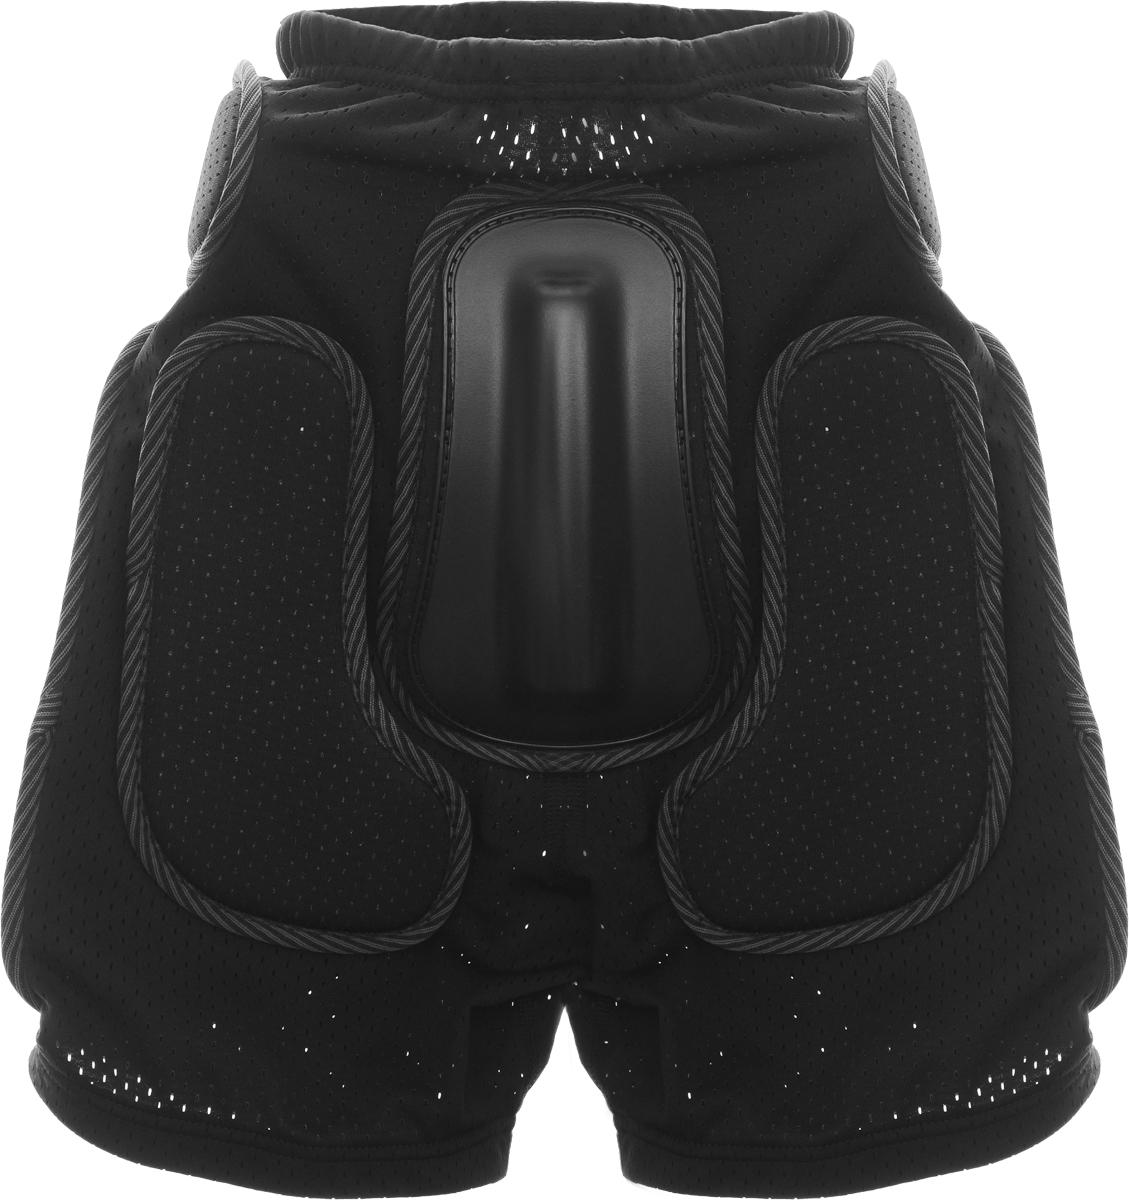 Шорты защитные Biont Комфорт, цвет: черный, размер XS119_159Защитные шорты Biont Комфорт - это необходимая часть снаряжения сноубордистов, любителей экстремального катания на роликах, байкеров, фанатов зимнего кайтинга. Шорты изготовлены из мягкой эластичной потовыводящей сетки с хорошей воздухопроницаемостью под накладками без остаточной деформации. Для обеспечения улучшенной вентиляции в шортах используется дышащая сетка спейсер. Комфортные защитные шорты Biont Комфорт идеальный выбор для любителей экстремального спорта. Толщина пластиковых накладок: 8-12 мм.